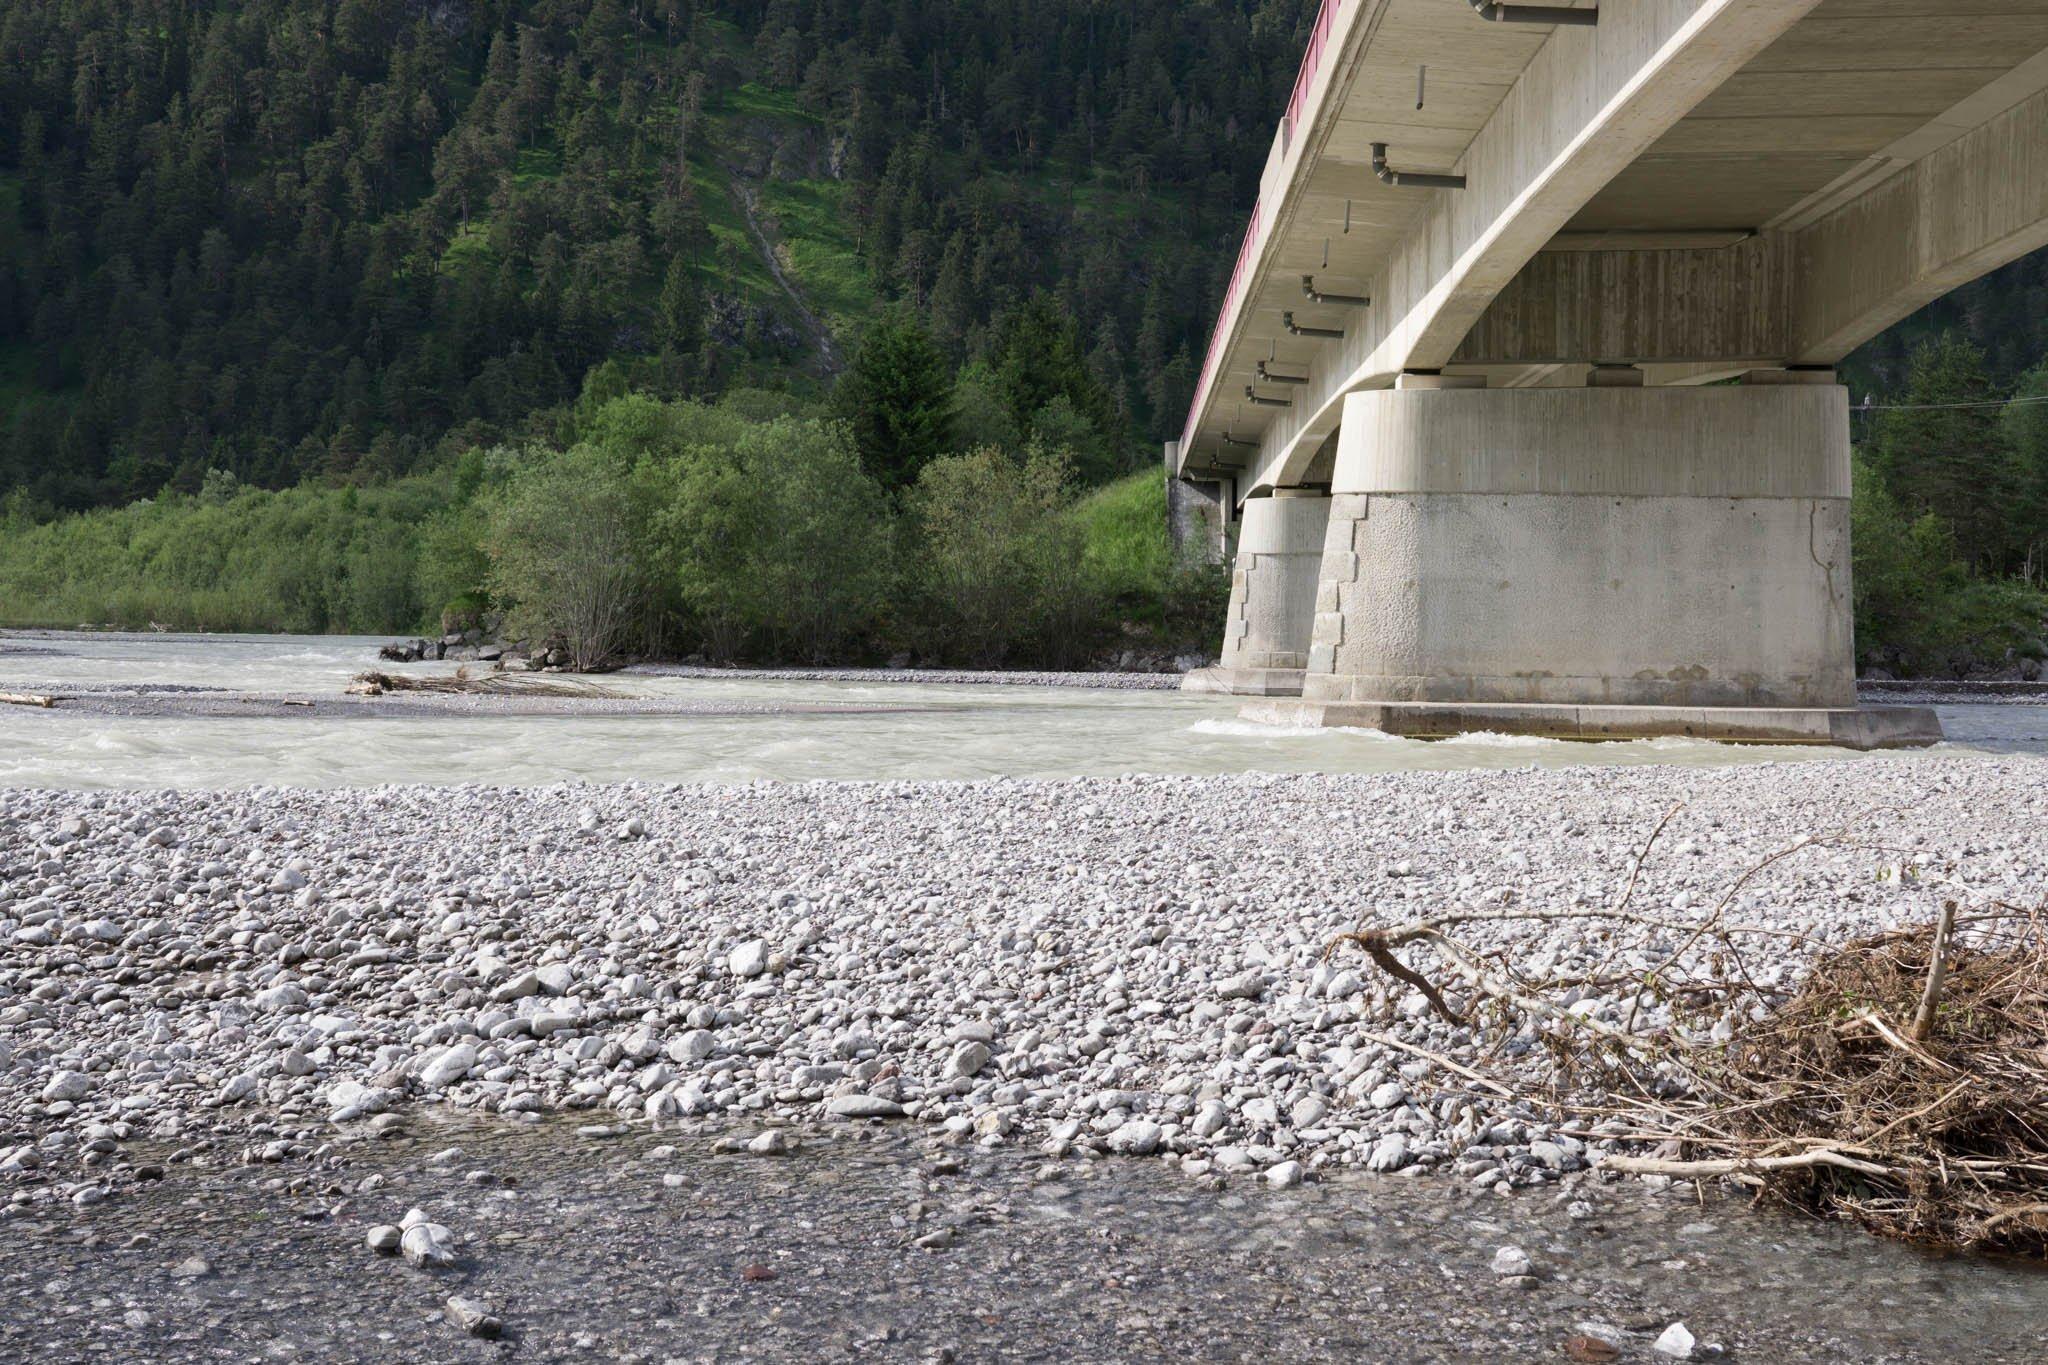 Brücke vom Flussufer aus gesehen mit Schotterbank.